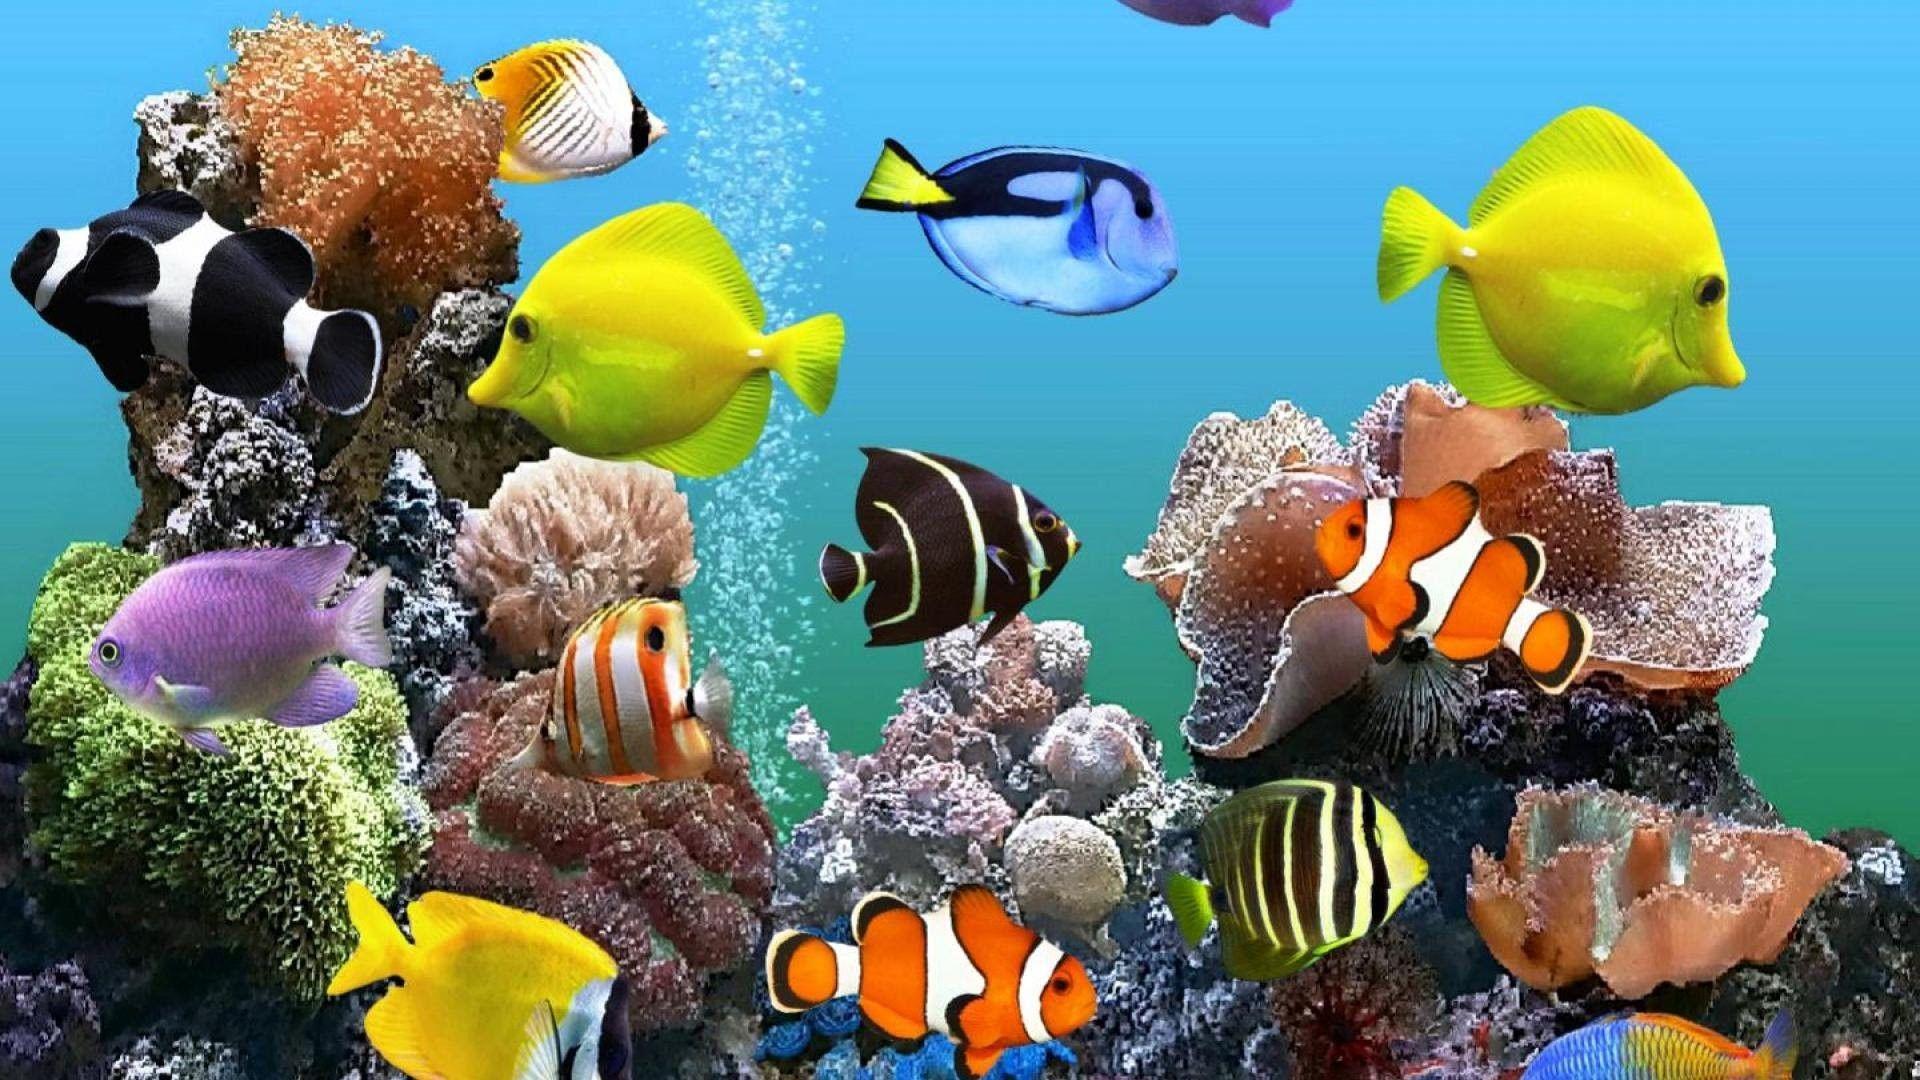 Aquarium Desktop Wallpapers Top Free Aquarium Desktop Backgrounds Wallpaperaccess